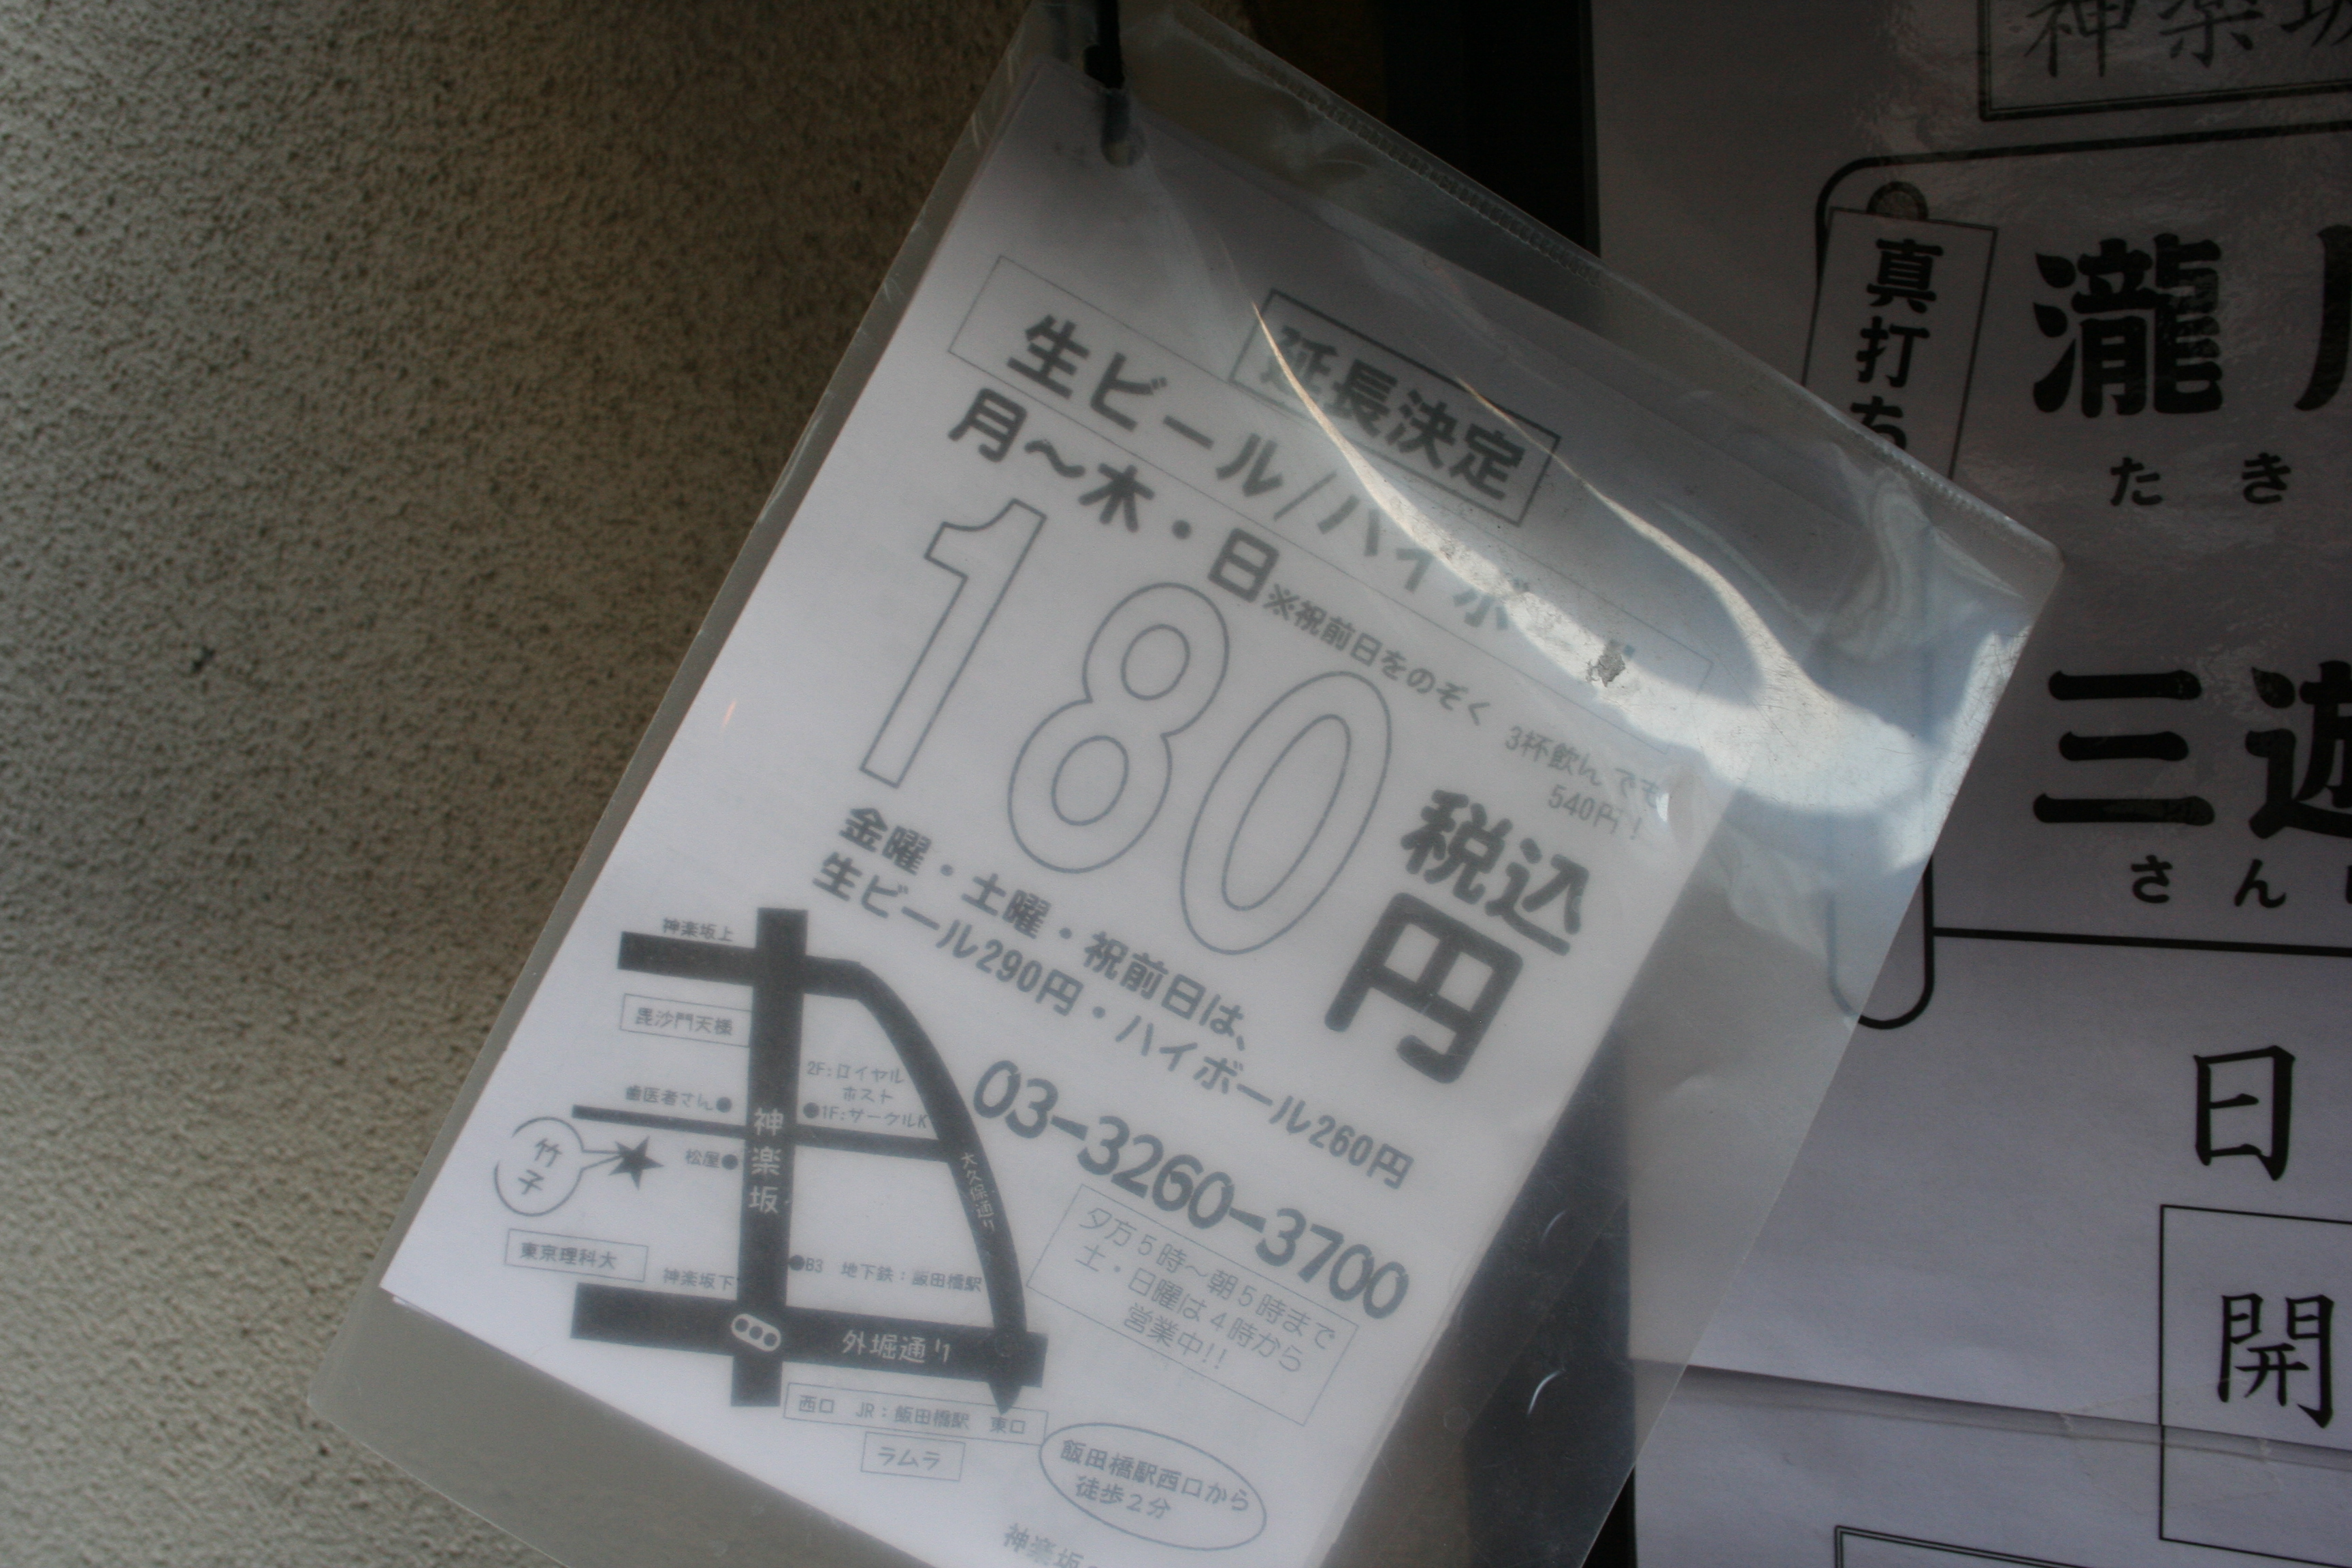 도쿄-카구라자카16